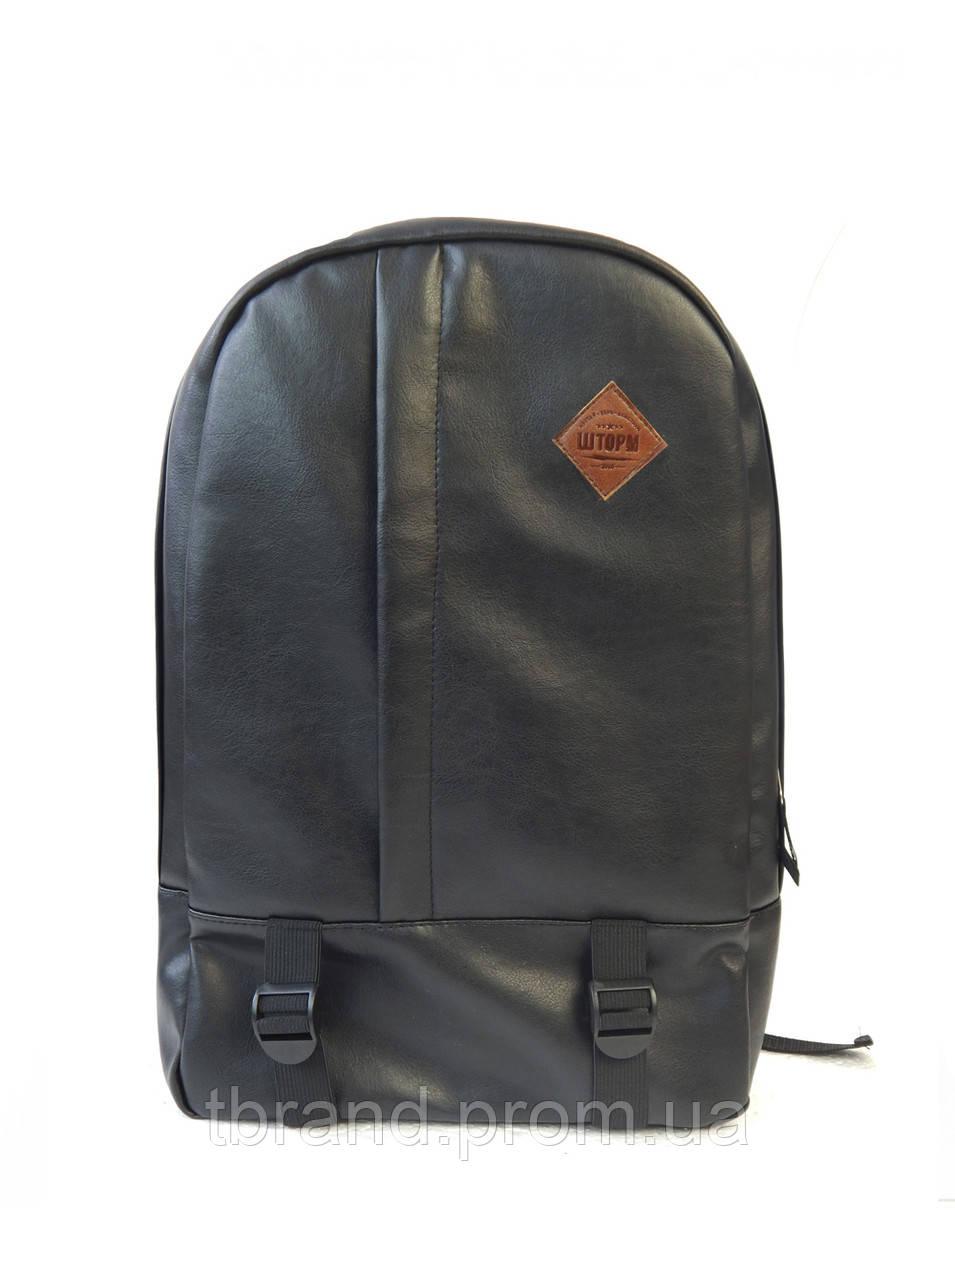 f7568eef7a1d Городской мужской рюкзак ШТОРМ спутник, цена 595 грн., купить в ...